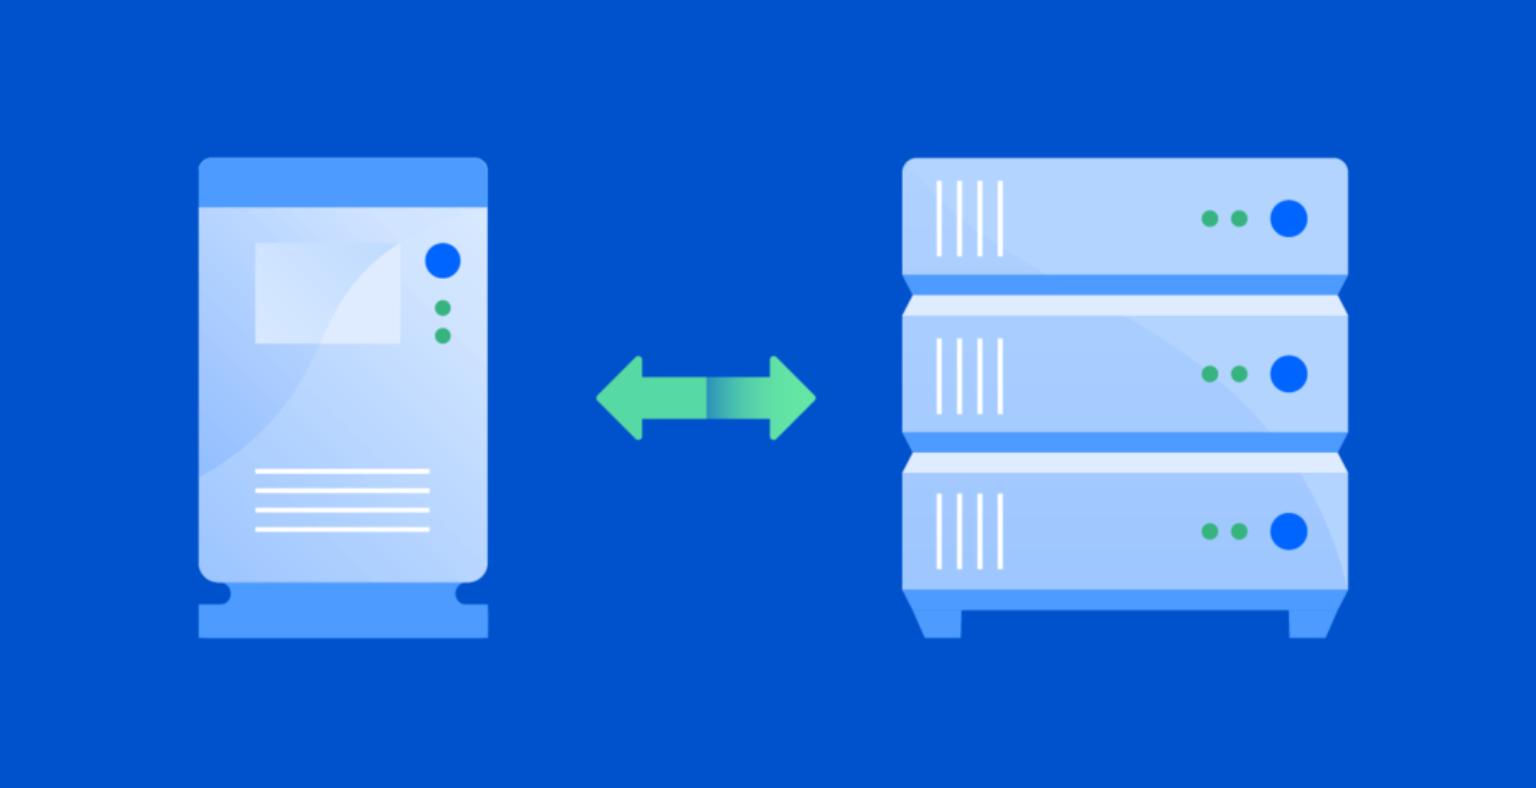 Atlassian Data Center vs. Atlassian Server